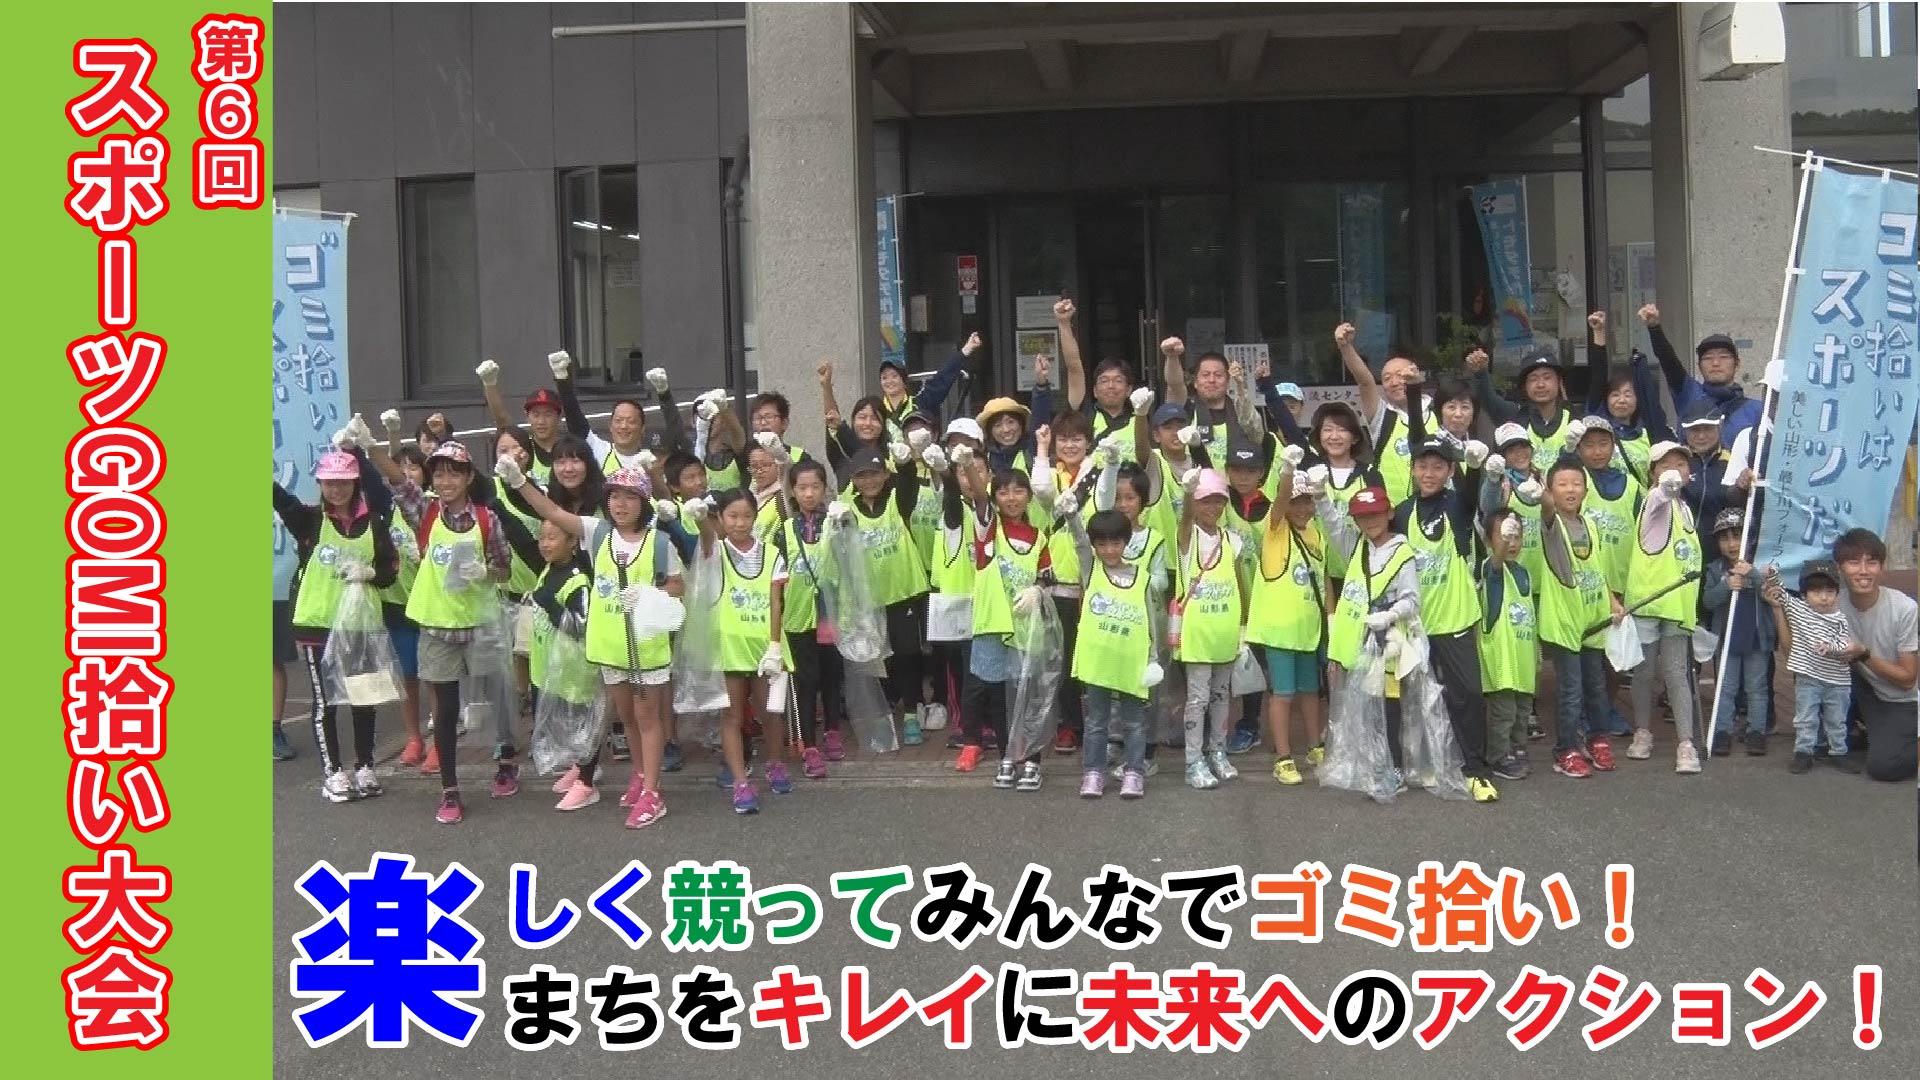 【長井市】第6回スポーツGOMI拾い大会in長井(令和元年9月21日) :画像